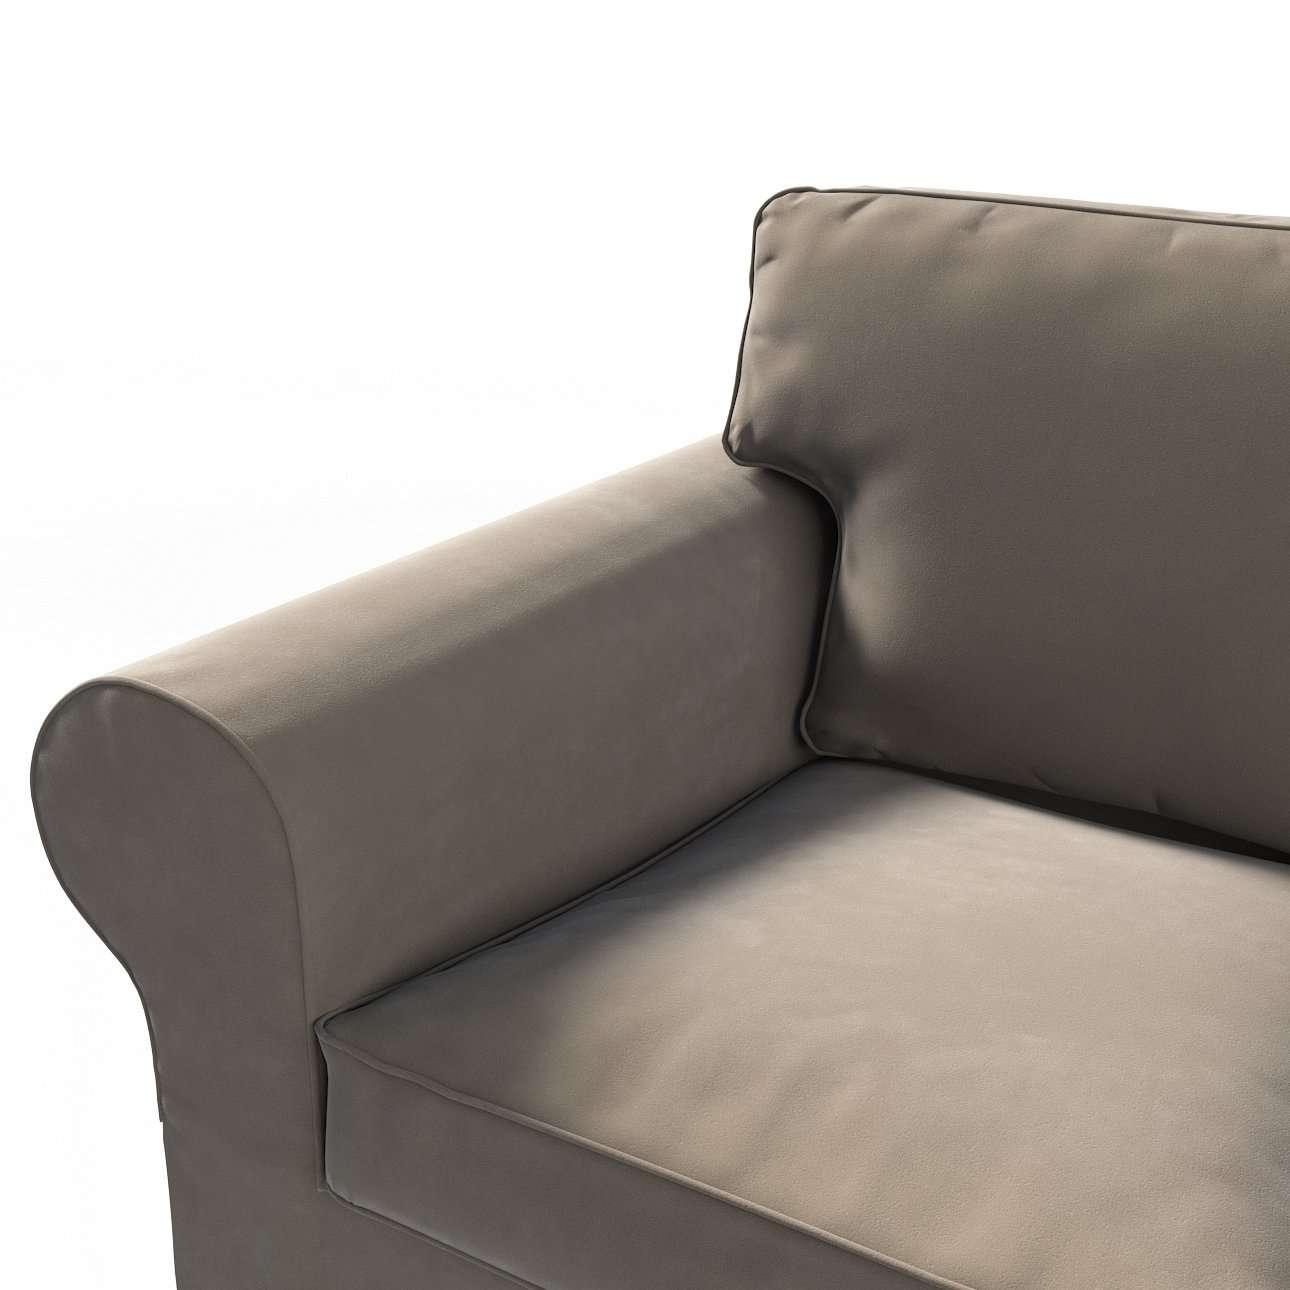 Poťah na sedačku Ektorp (rozkladacia, pre 2 osoby) NOVÝ MODEL 2012 V kolekcii Velvet, tkanina: 704-19